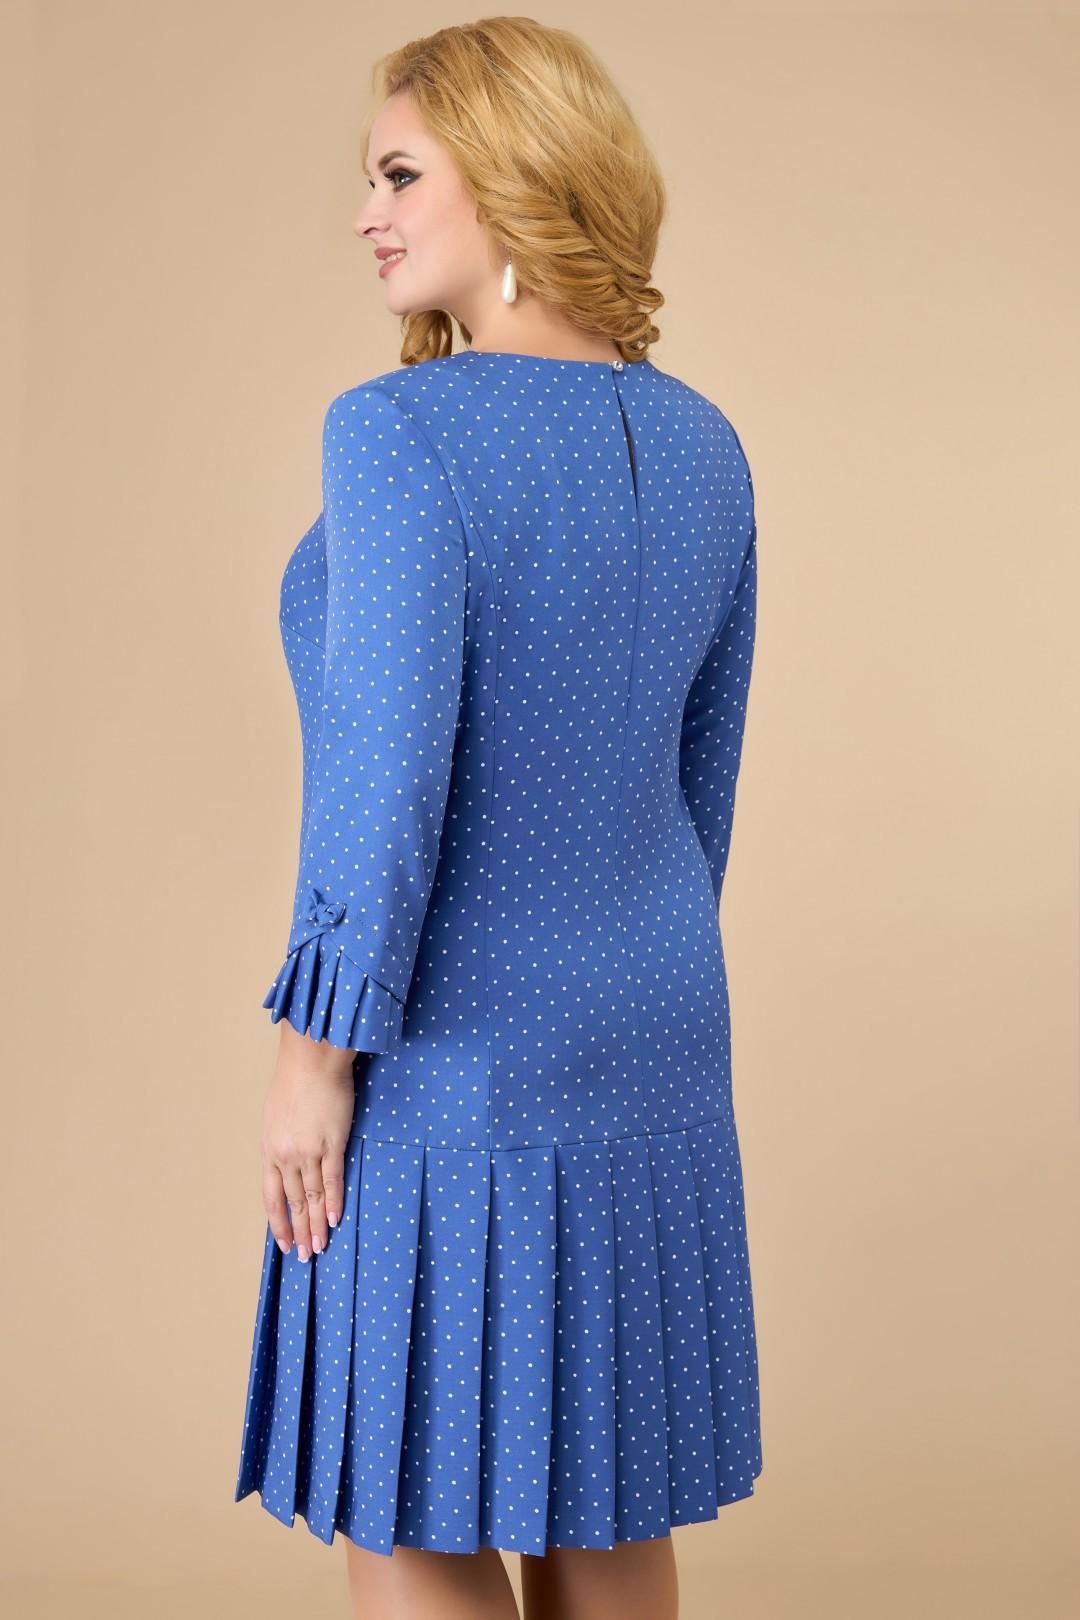 Платье Светлана-Стиль 1429.08 голубой+горох